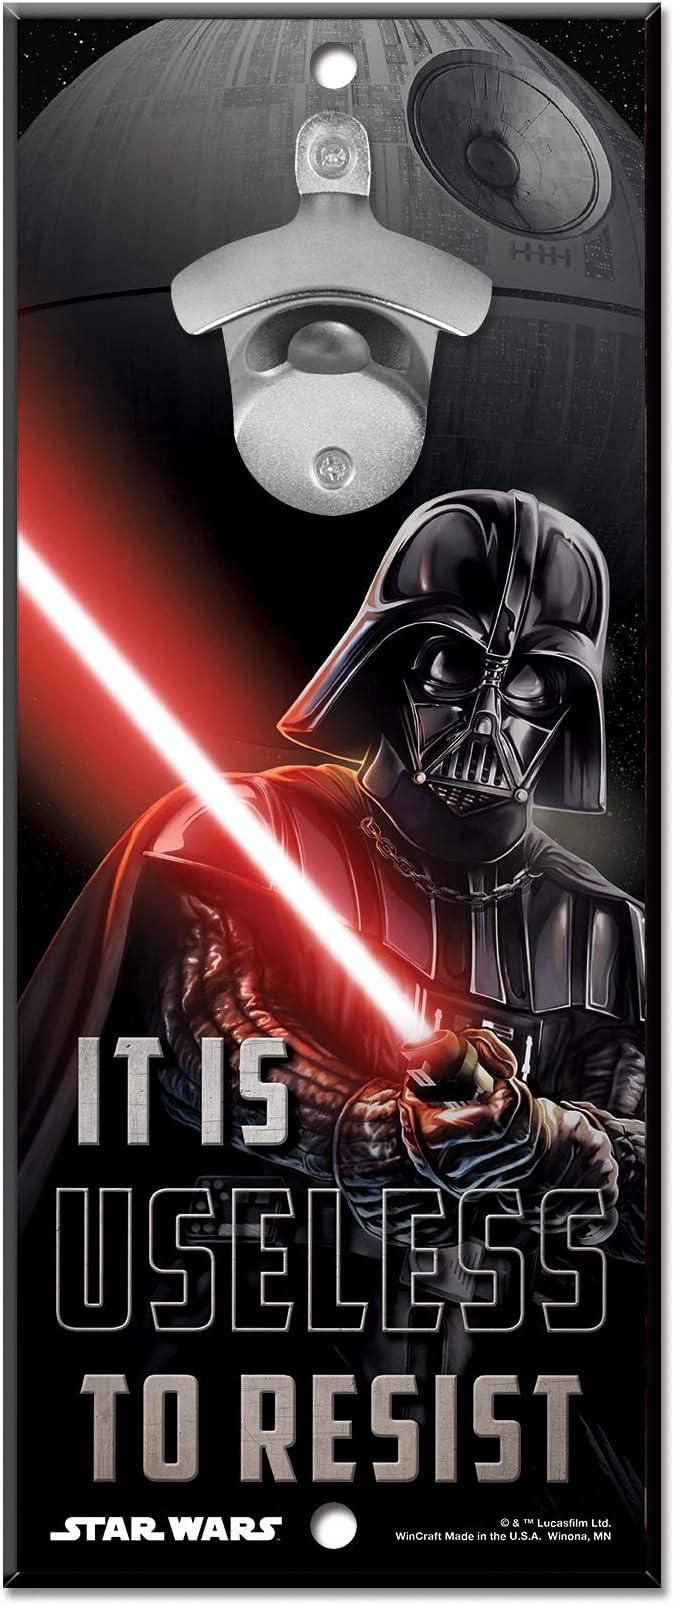 Amazon Com Wincraft Star Wars Star Wars Star Wars Original Trilogy Darth Vader Ep4 5x11 Bottle Opener Signwincraft Star Wars Original Trilogy Darth Vader Ep4 5x11 Bottle Opener Sign Multicolor Na Sports